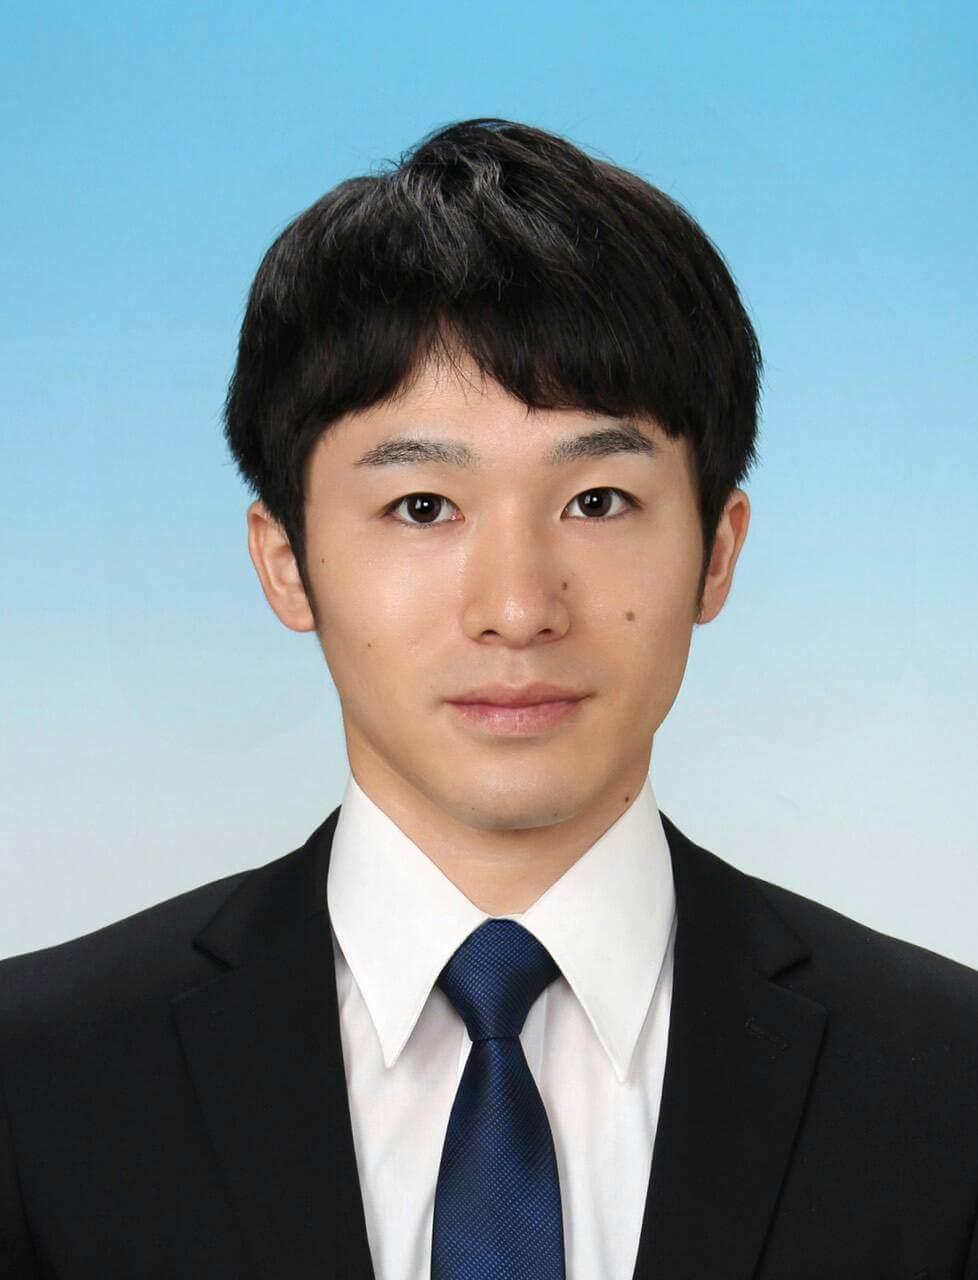 空間デザイン講座卒業野口竜義さん